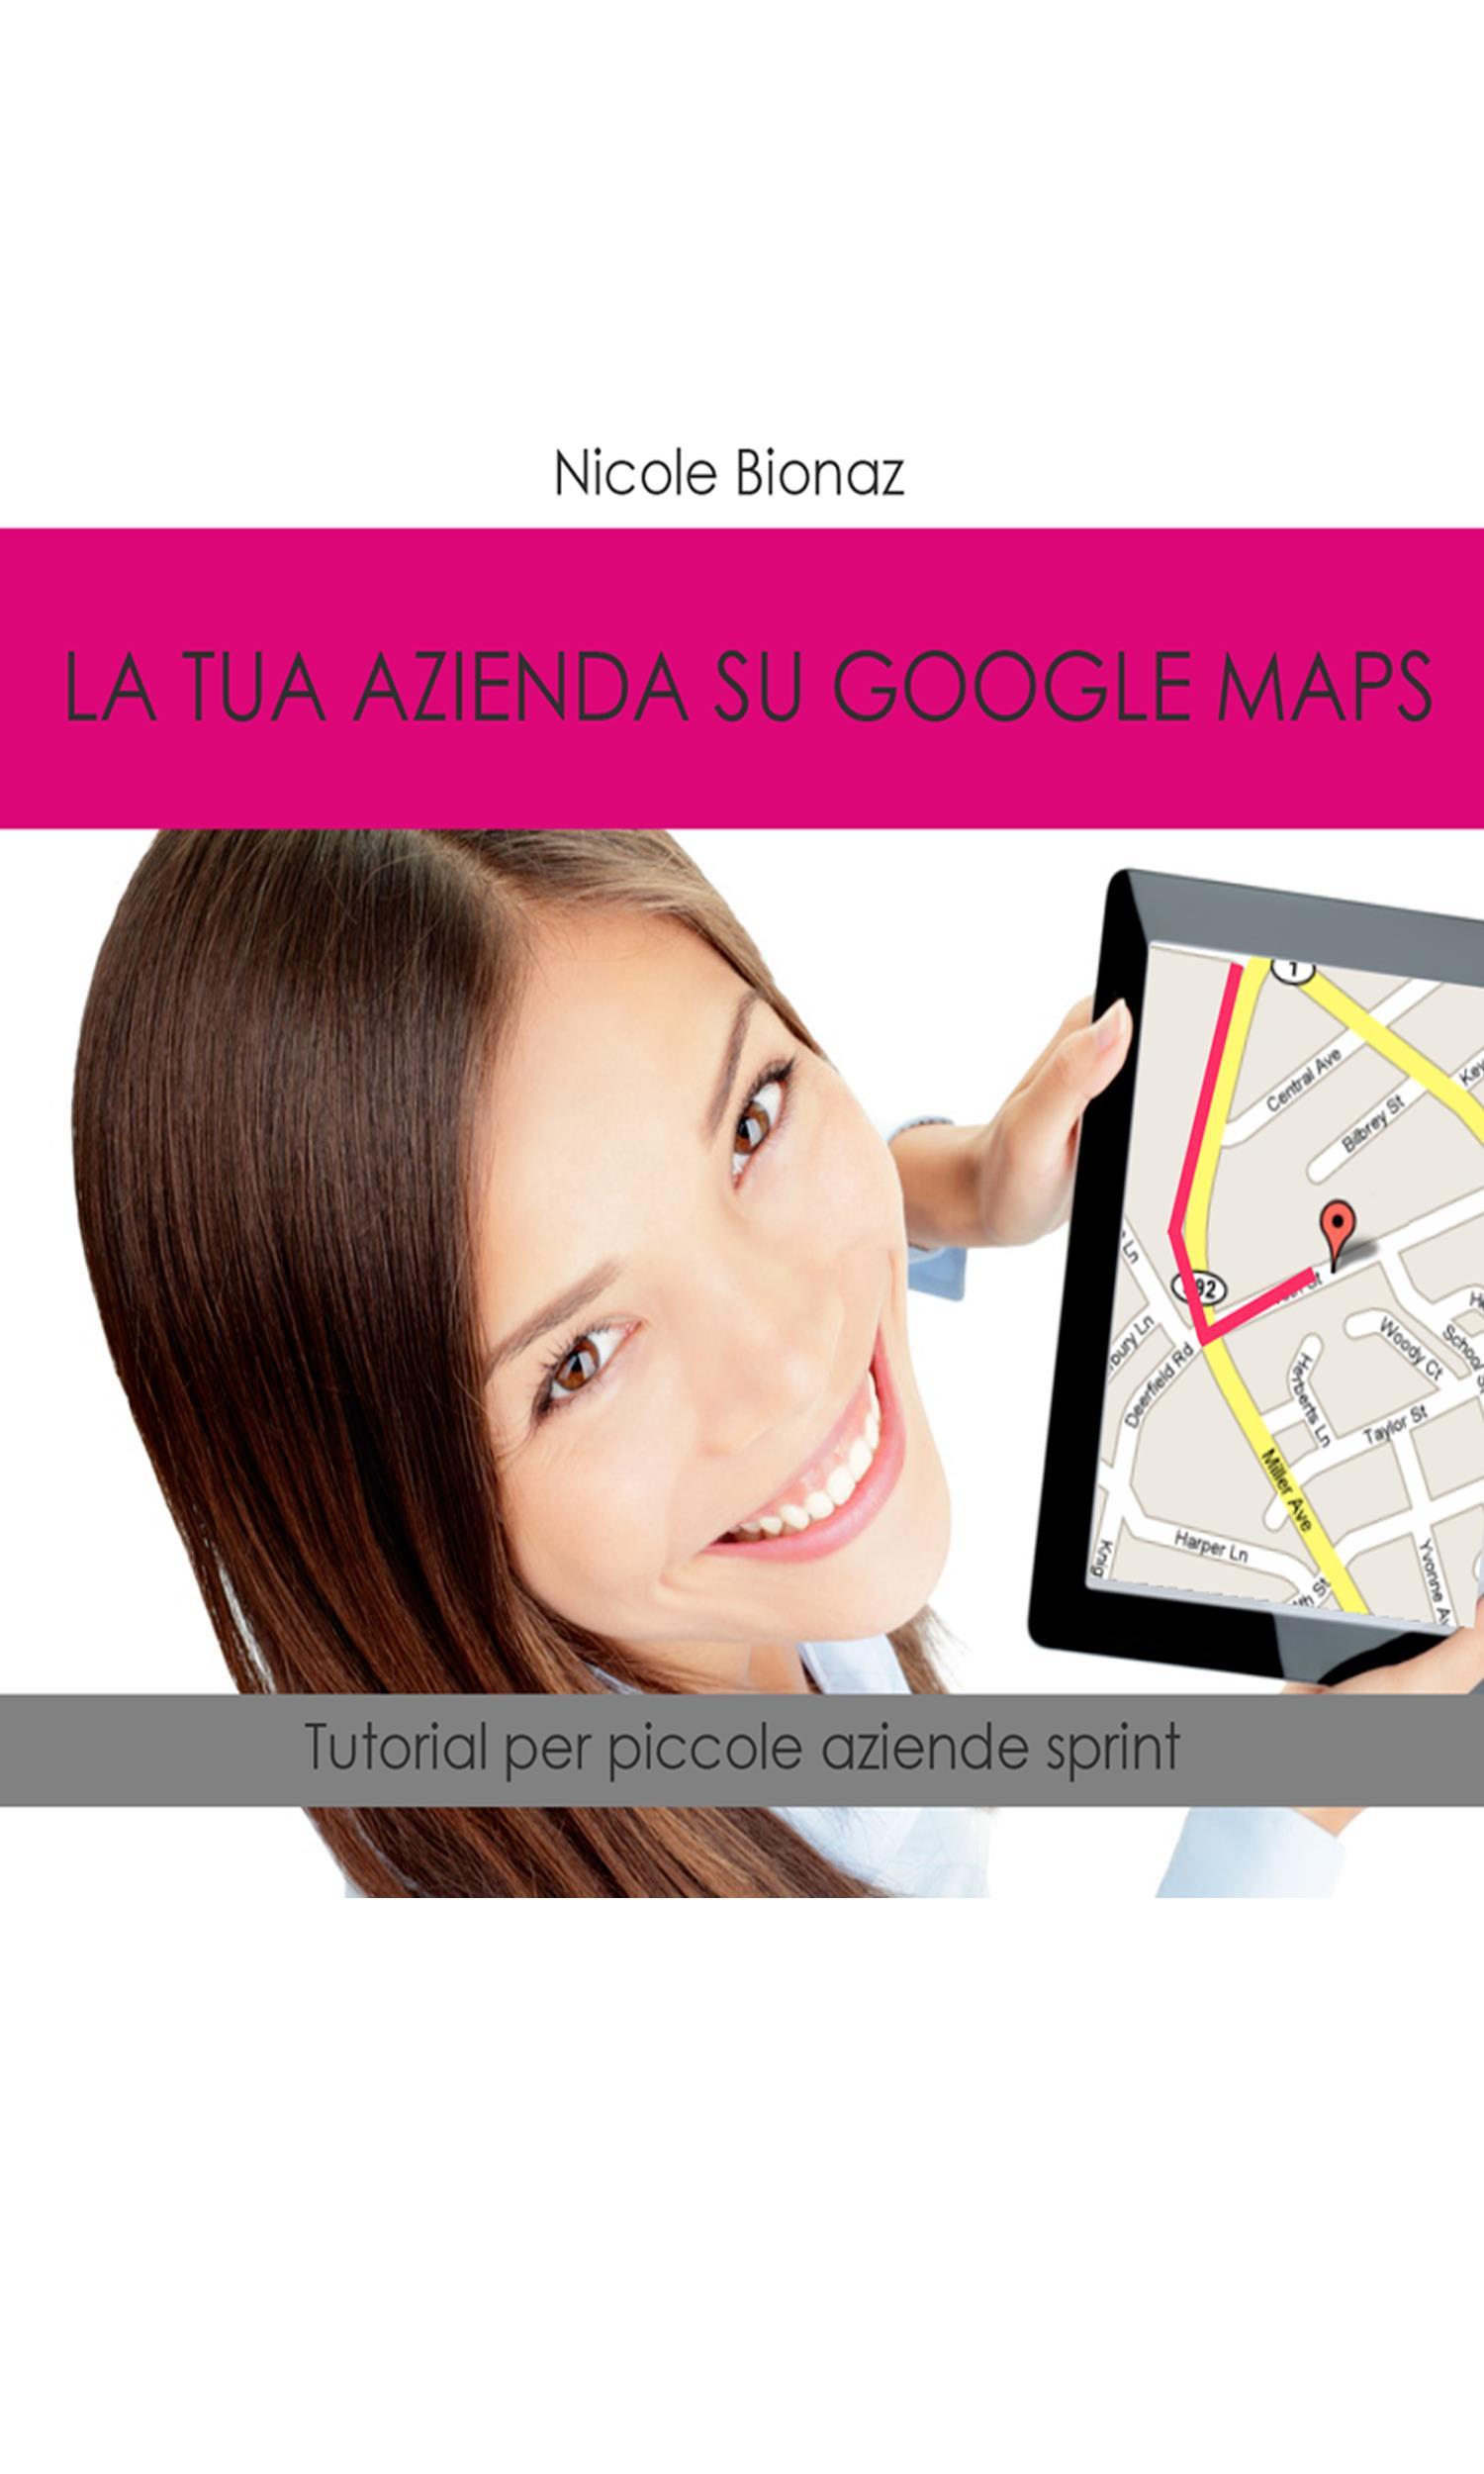 La tua azienda su Google Maps